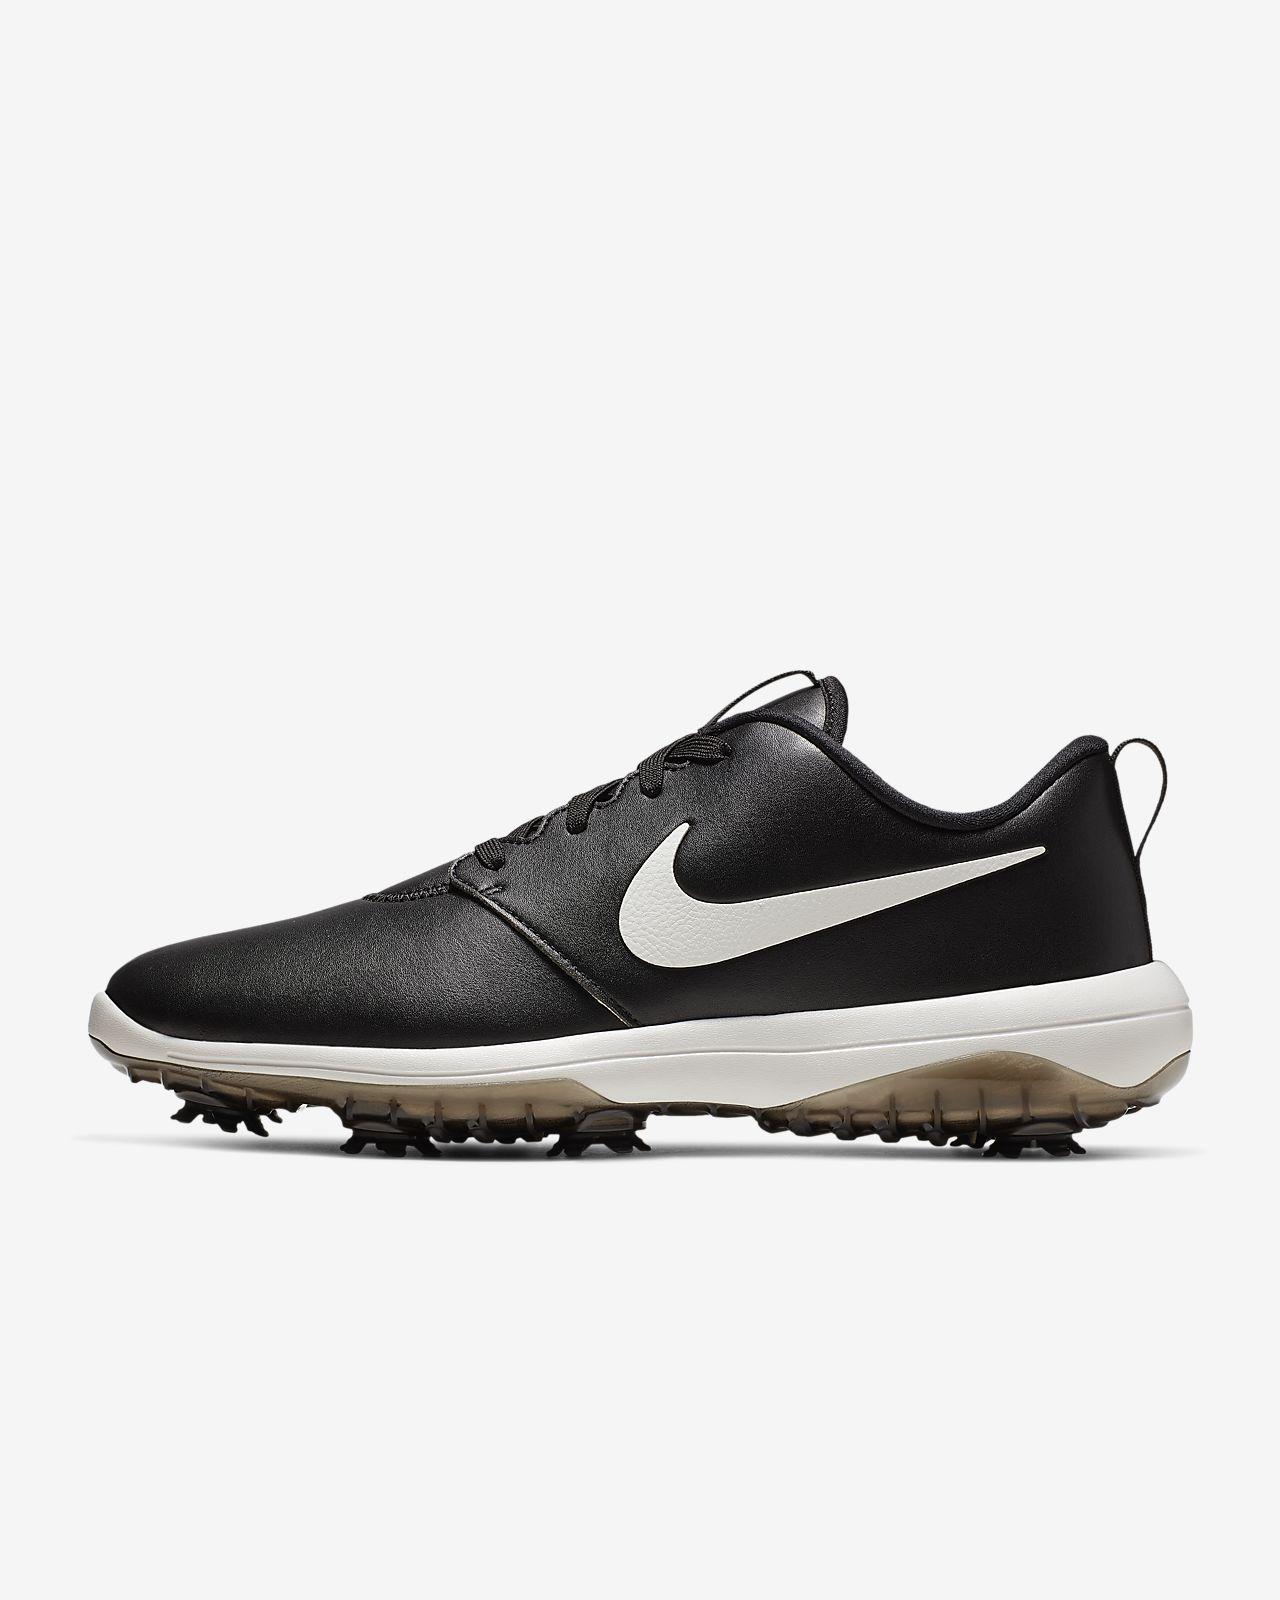 nike golf zapatos hombre